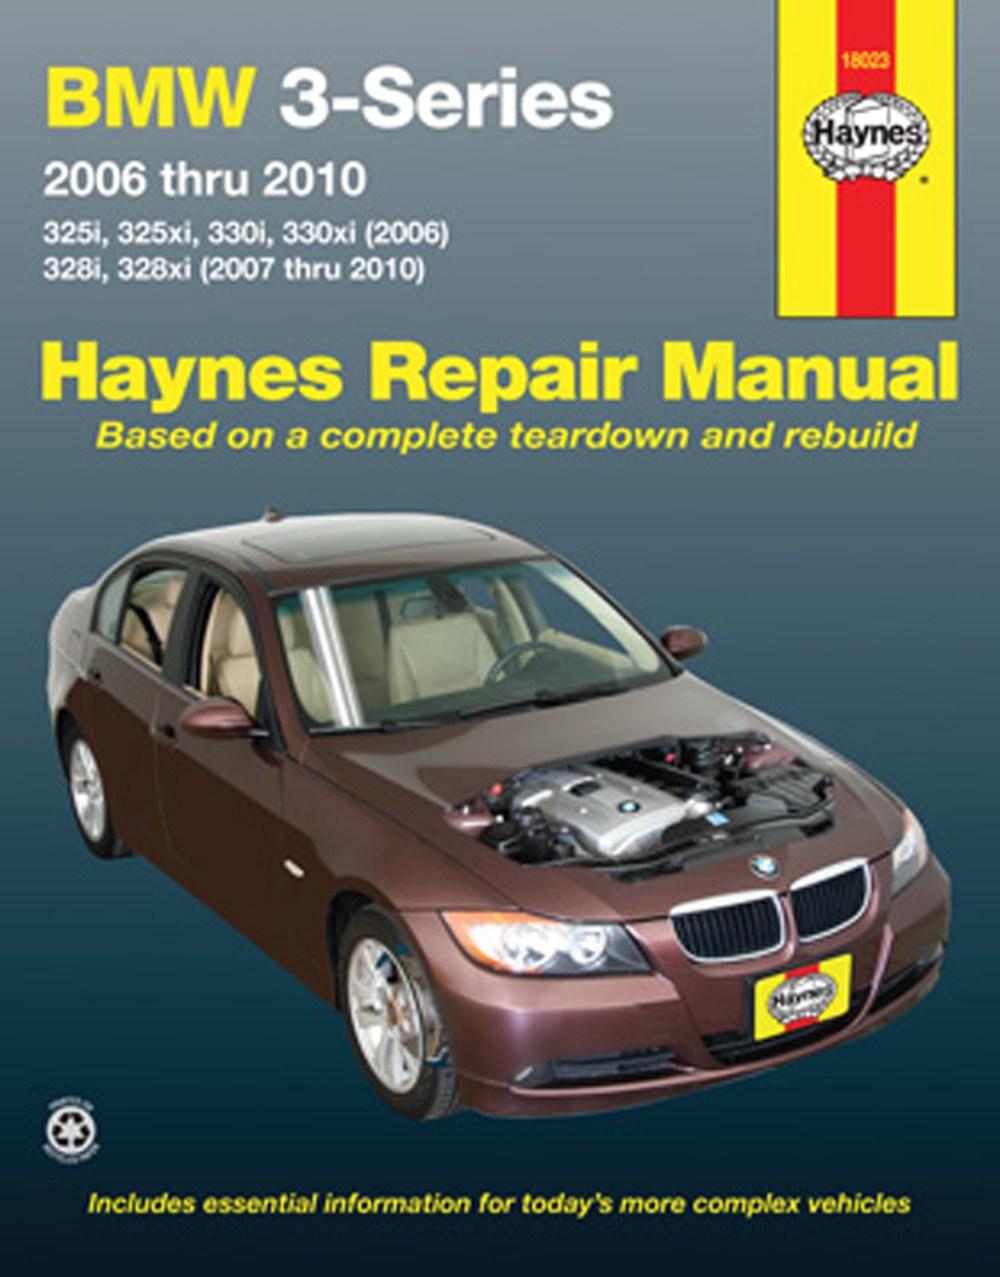 medium resolution of manual de reparaci n para bmw 328xi 2008 marca haynes n mero de parte 18023